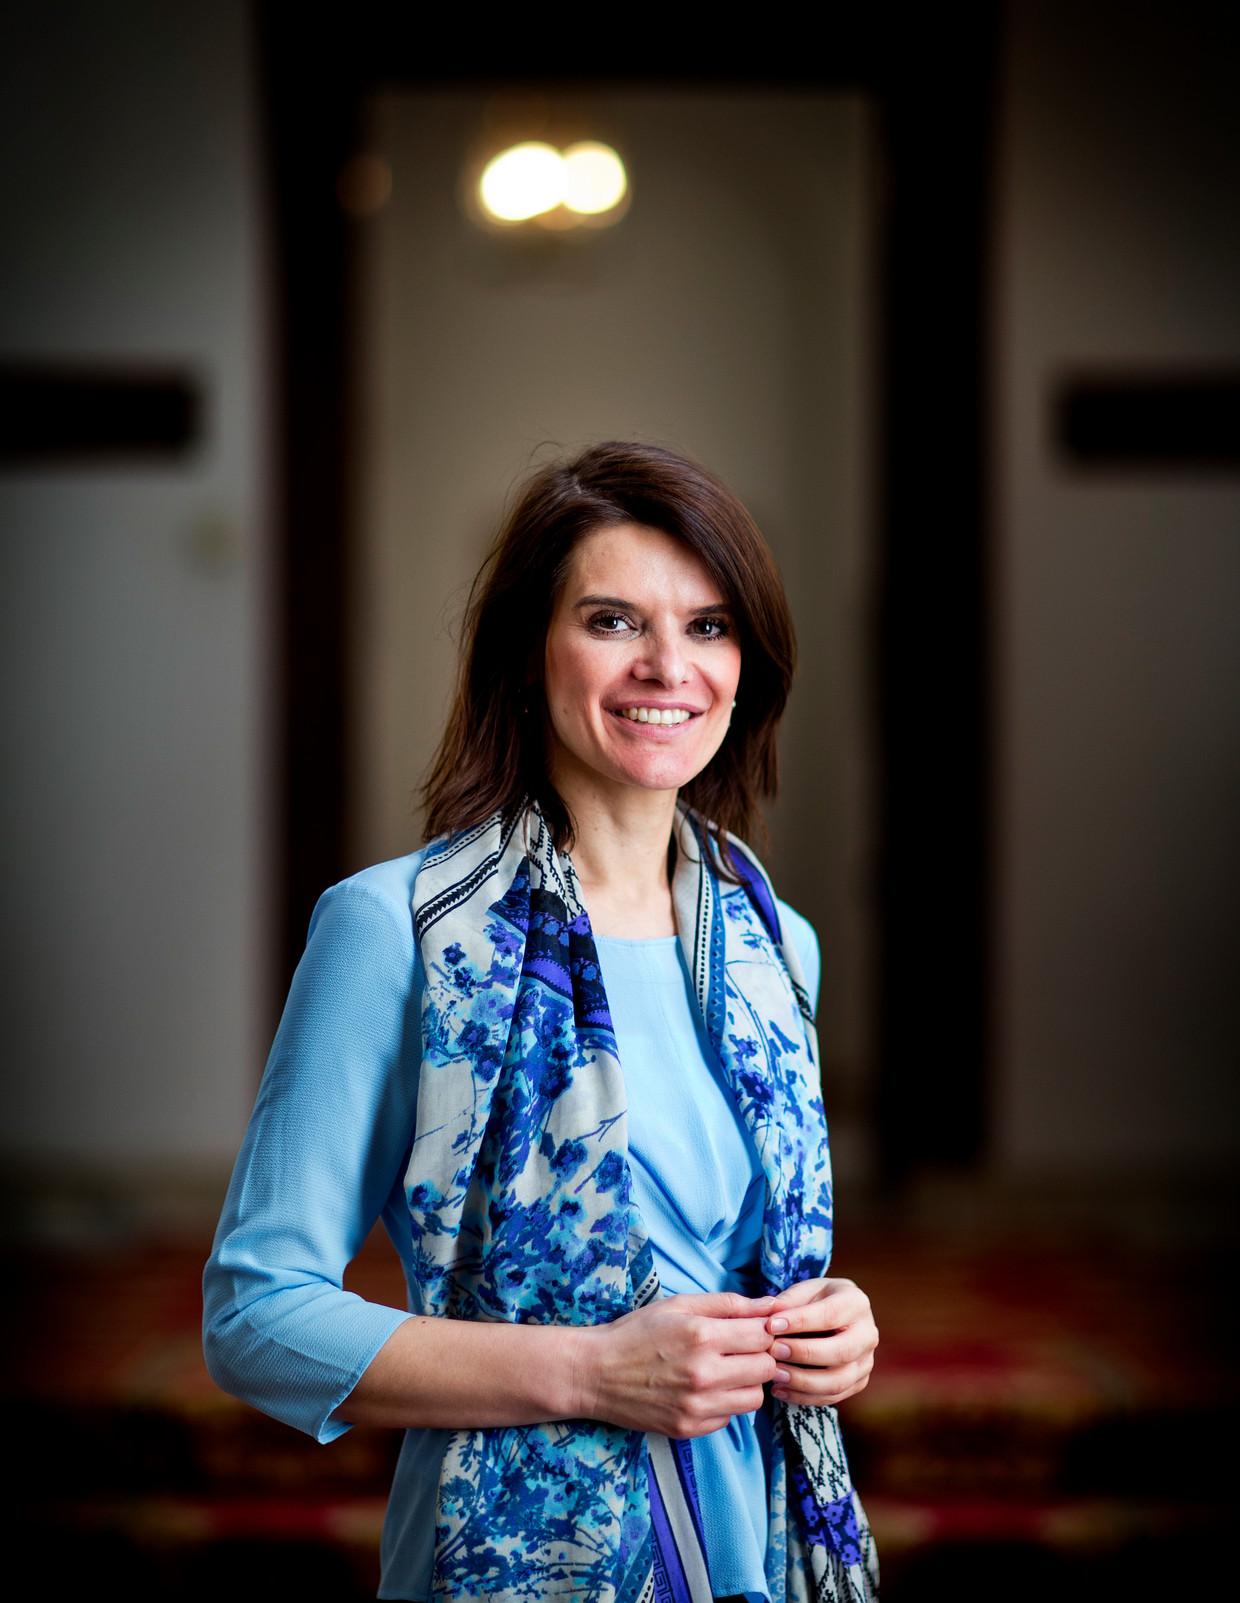 Staatssecretaris Barbara Visser van Defensie (VVD). Beeld Guus Schoonewille